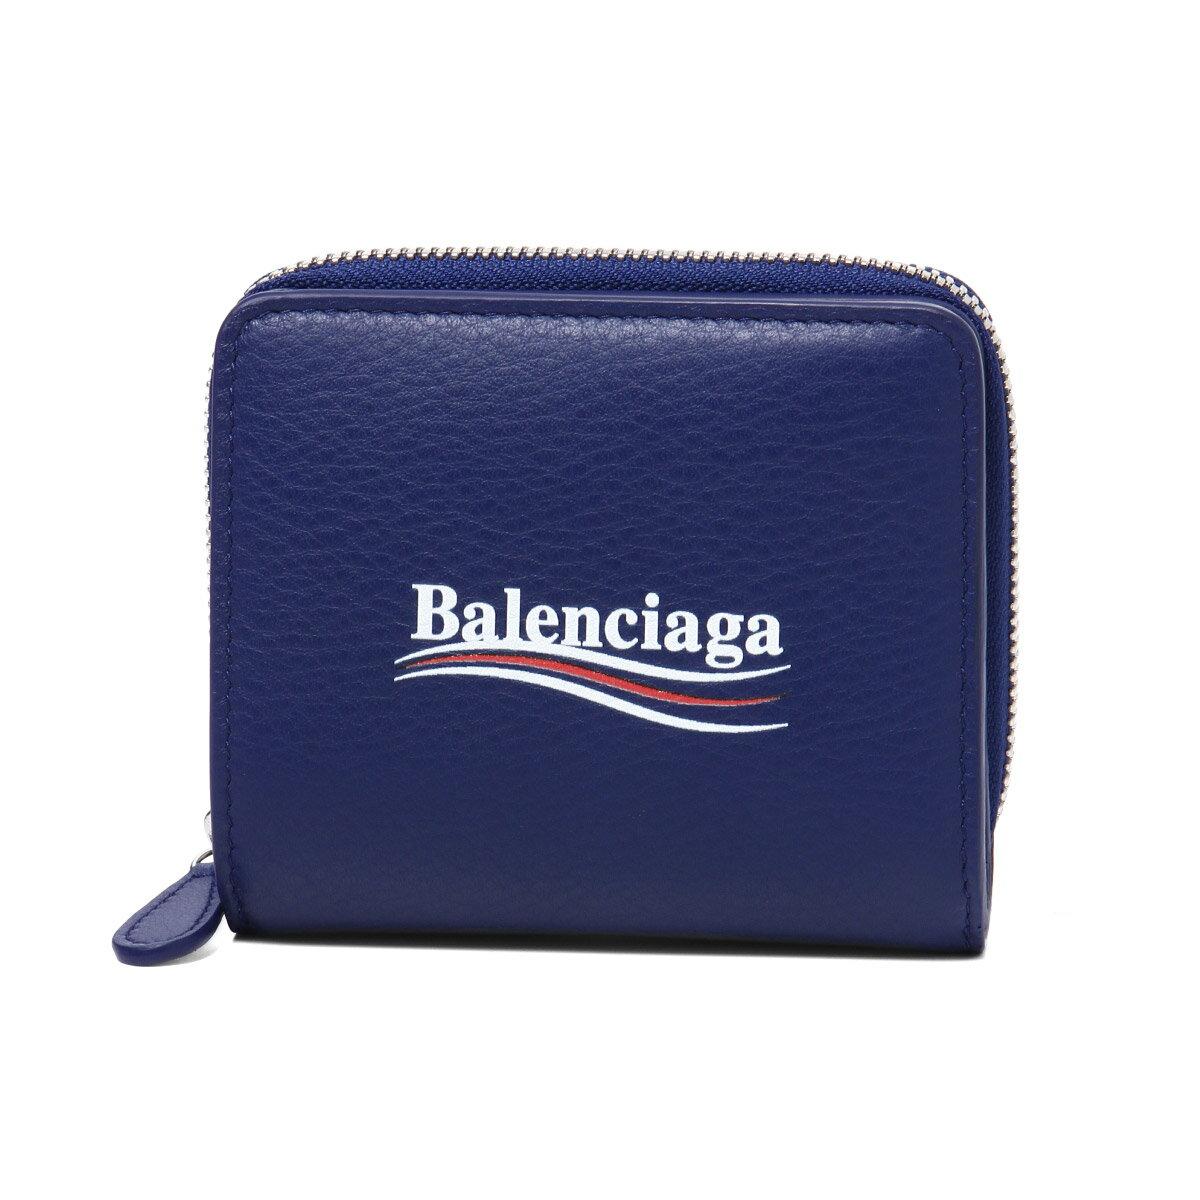 バレンシアガ BALENCIAGA 財布 レディース 516366 DLQ9N 4610 二つ折り財布 EVERYDAY エブリデイ BLEU PACIFIQUE ブルー